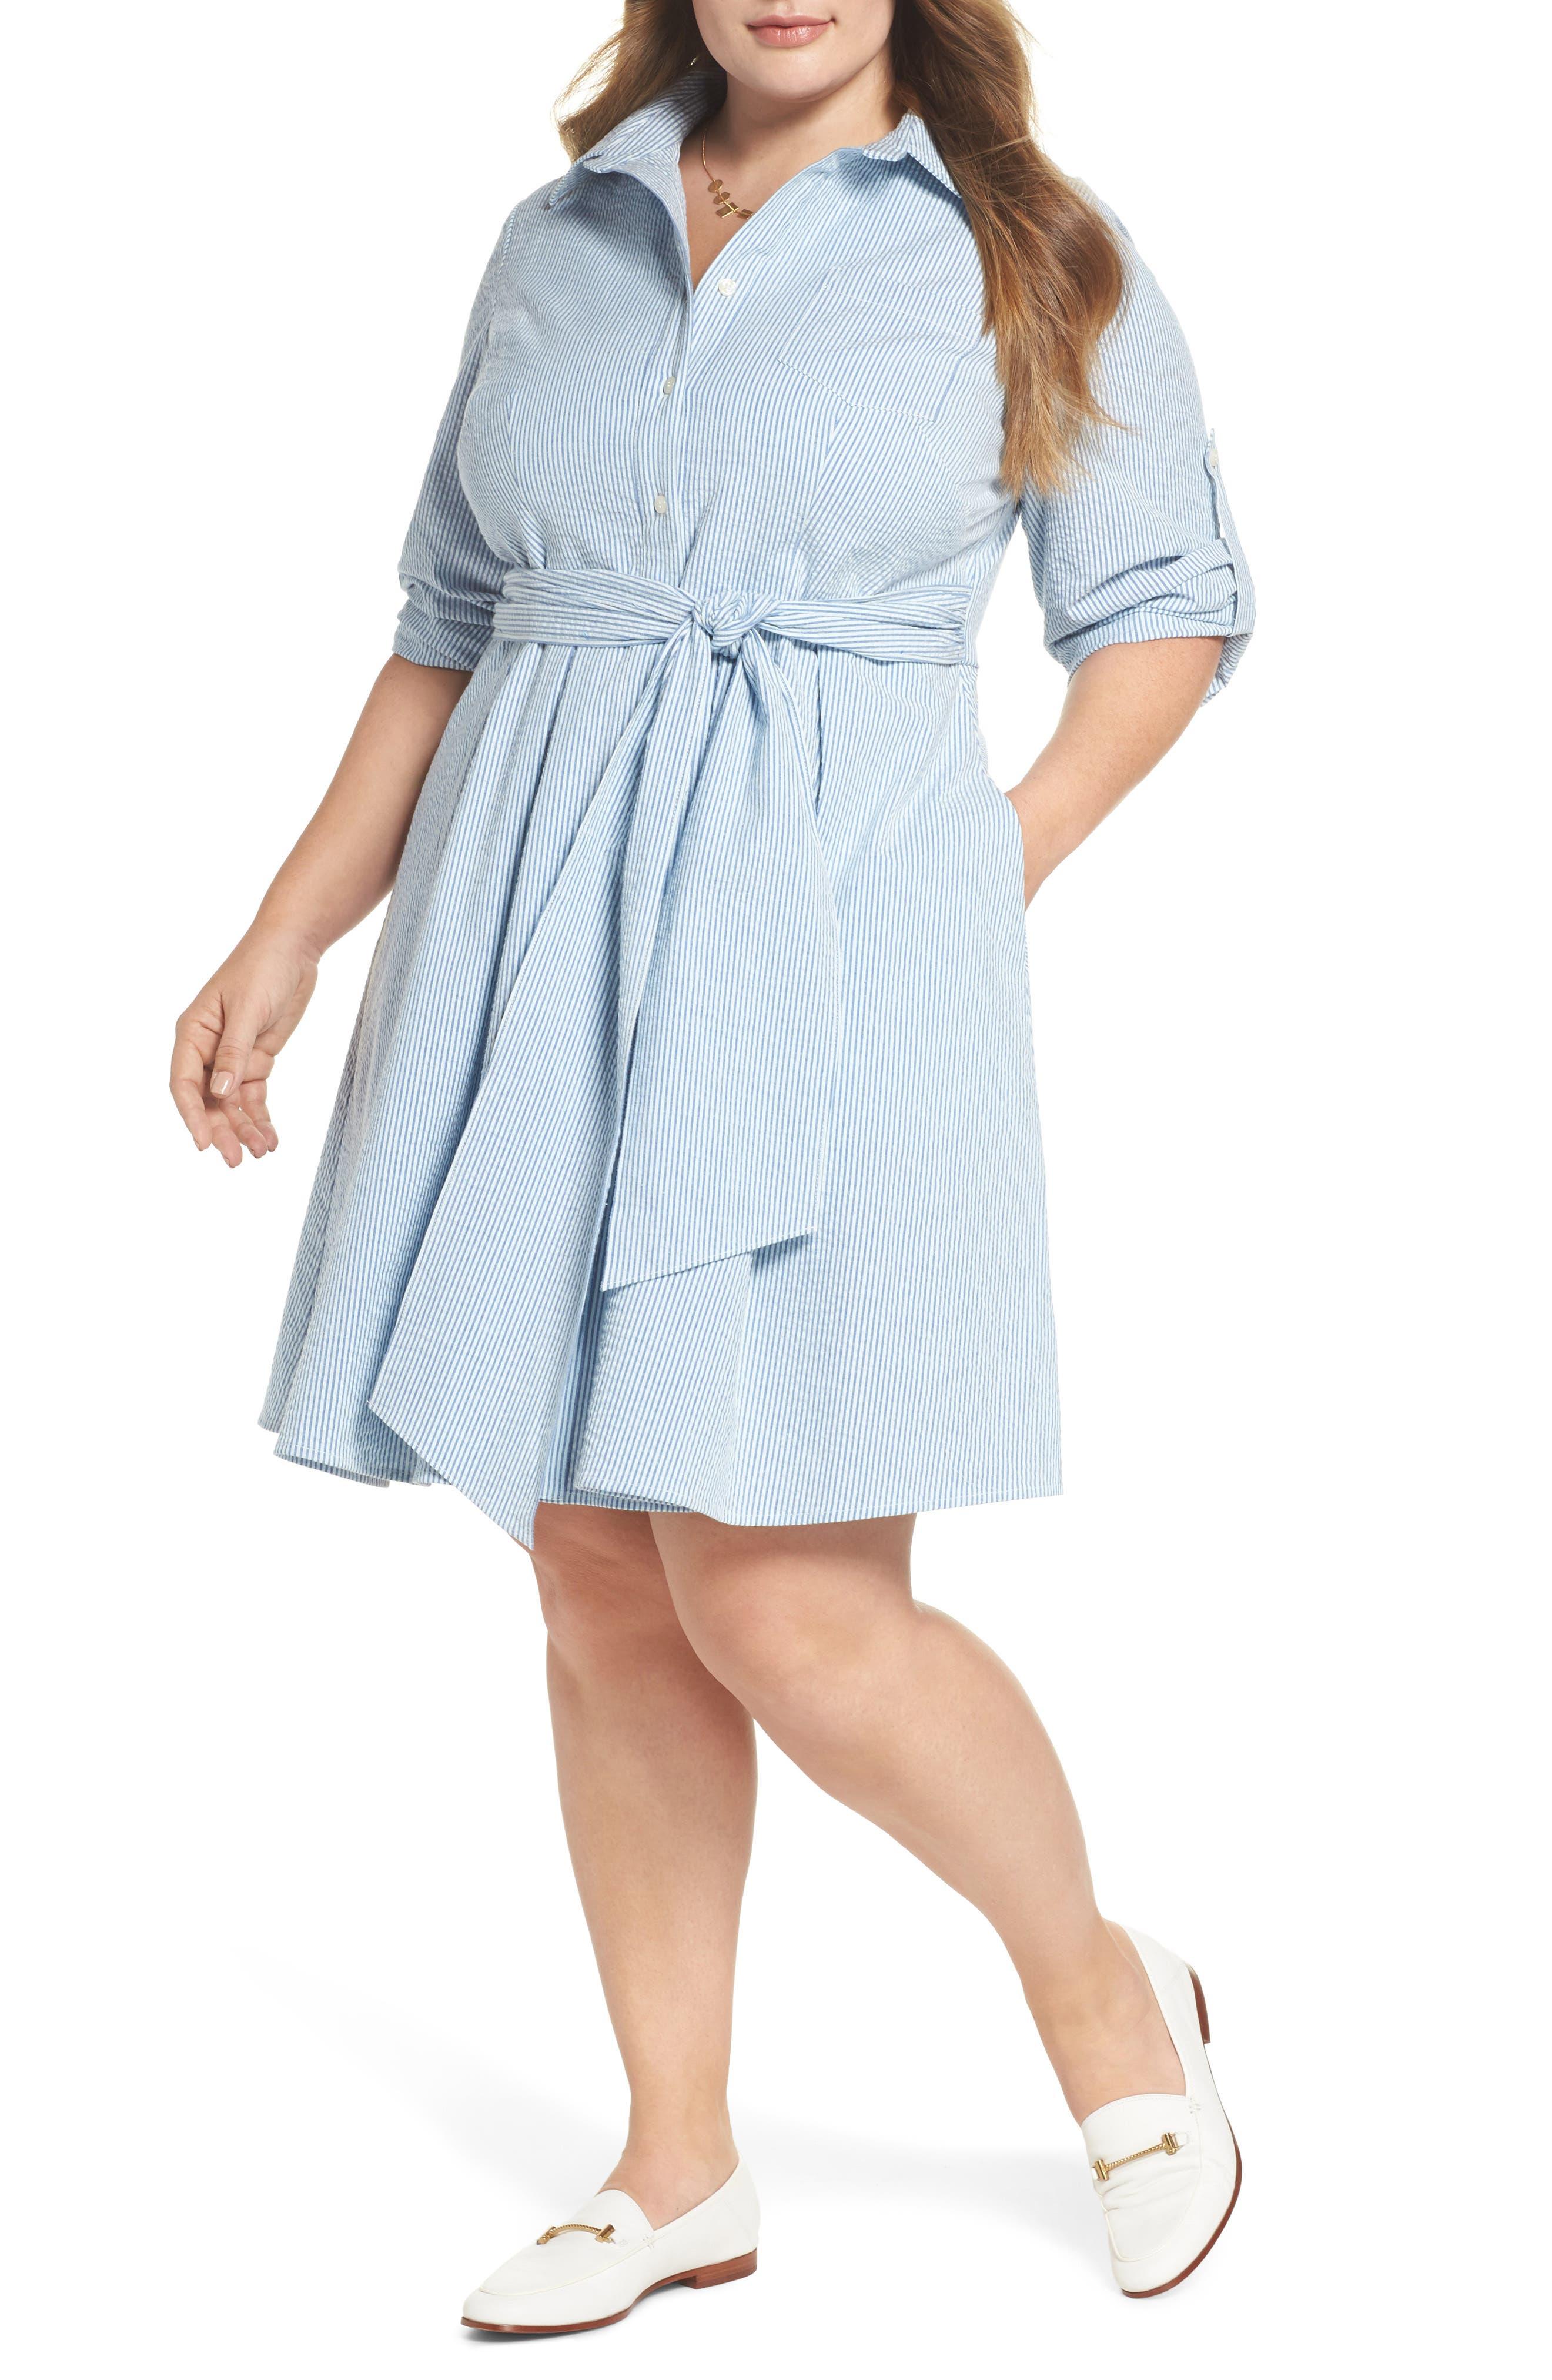 Seersucker Shirtdress,                             Main thumbnail 1, color,                             Blue Seersucker